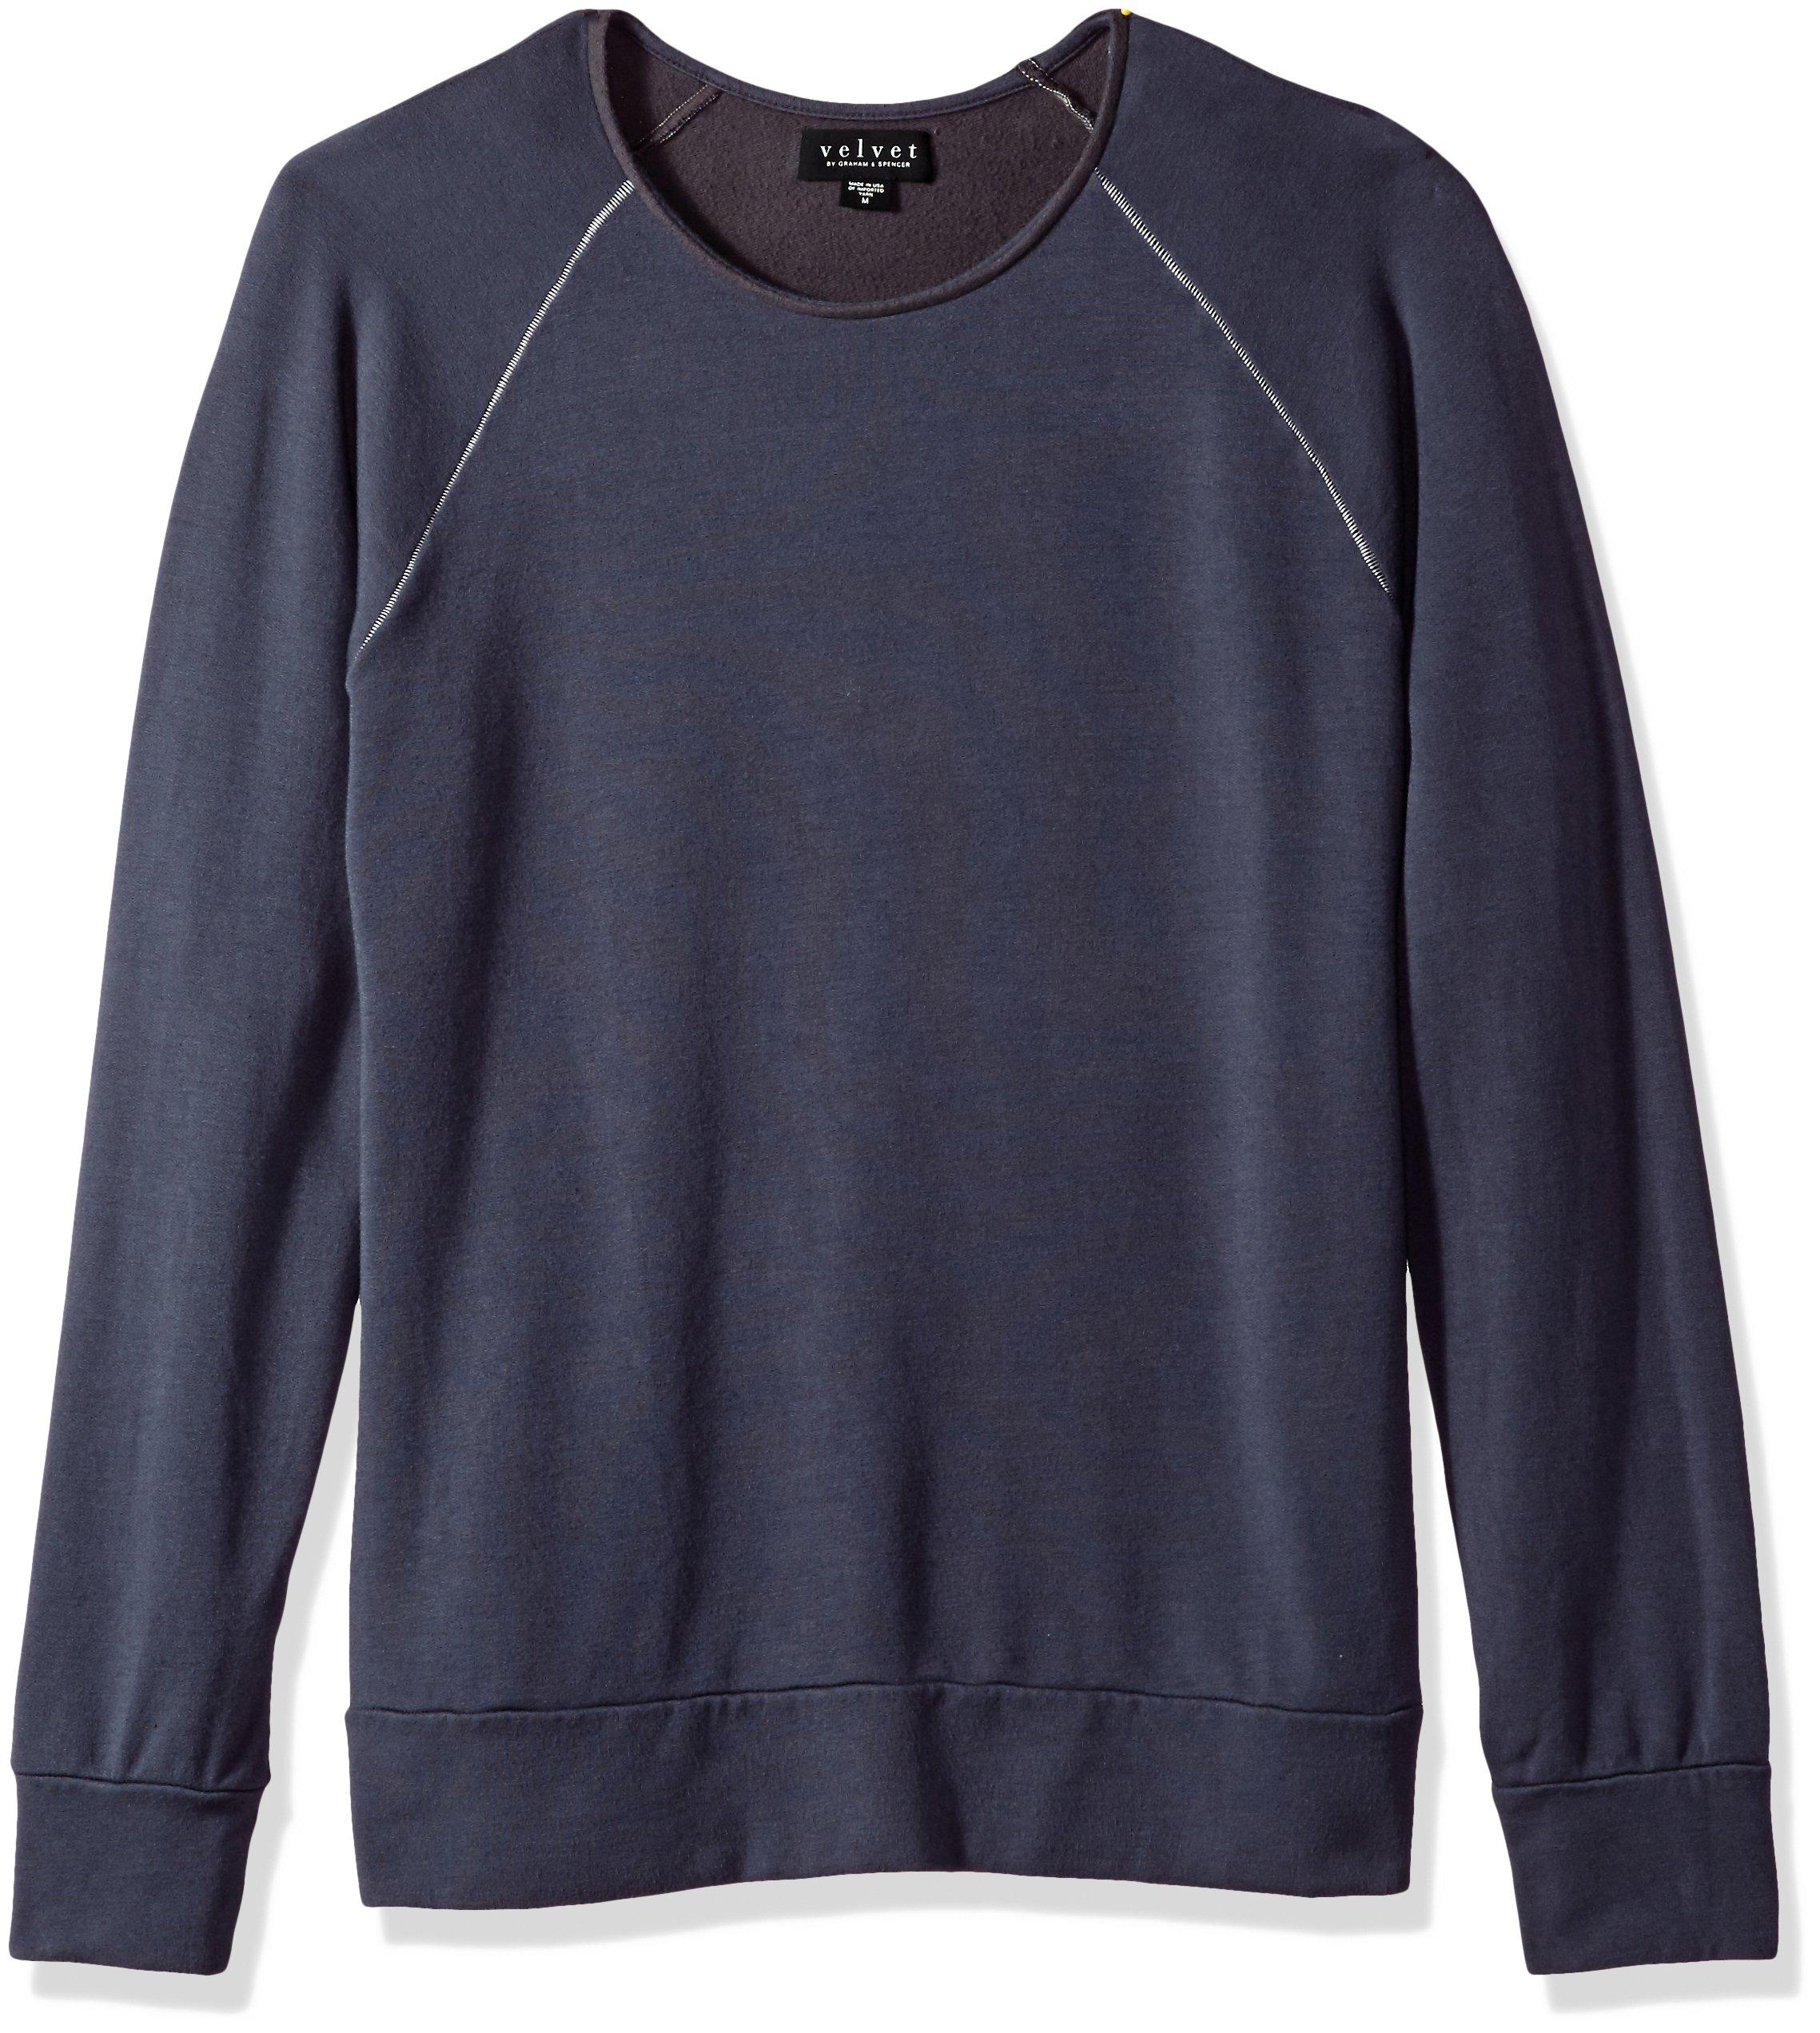 VELVET BY GRAHAM & SPENCER Men's Ovid Long Sleeve Sweater, Brimstone, Medium